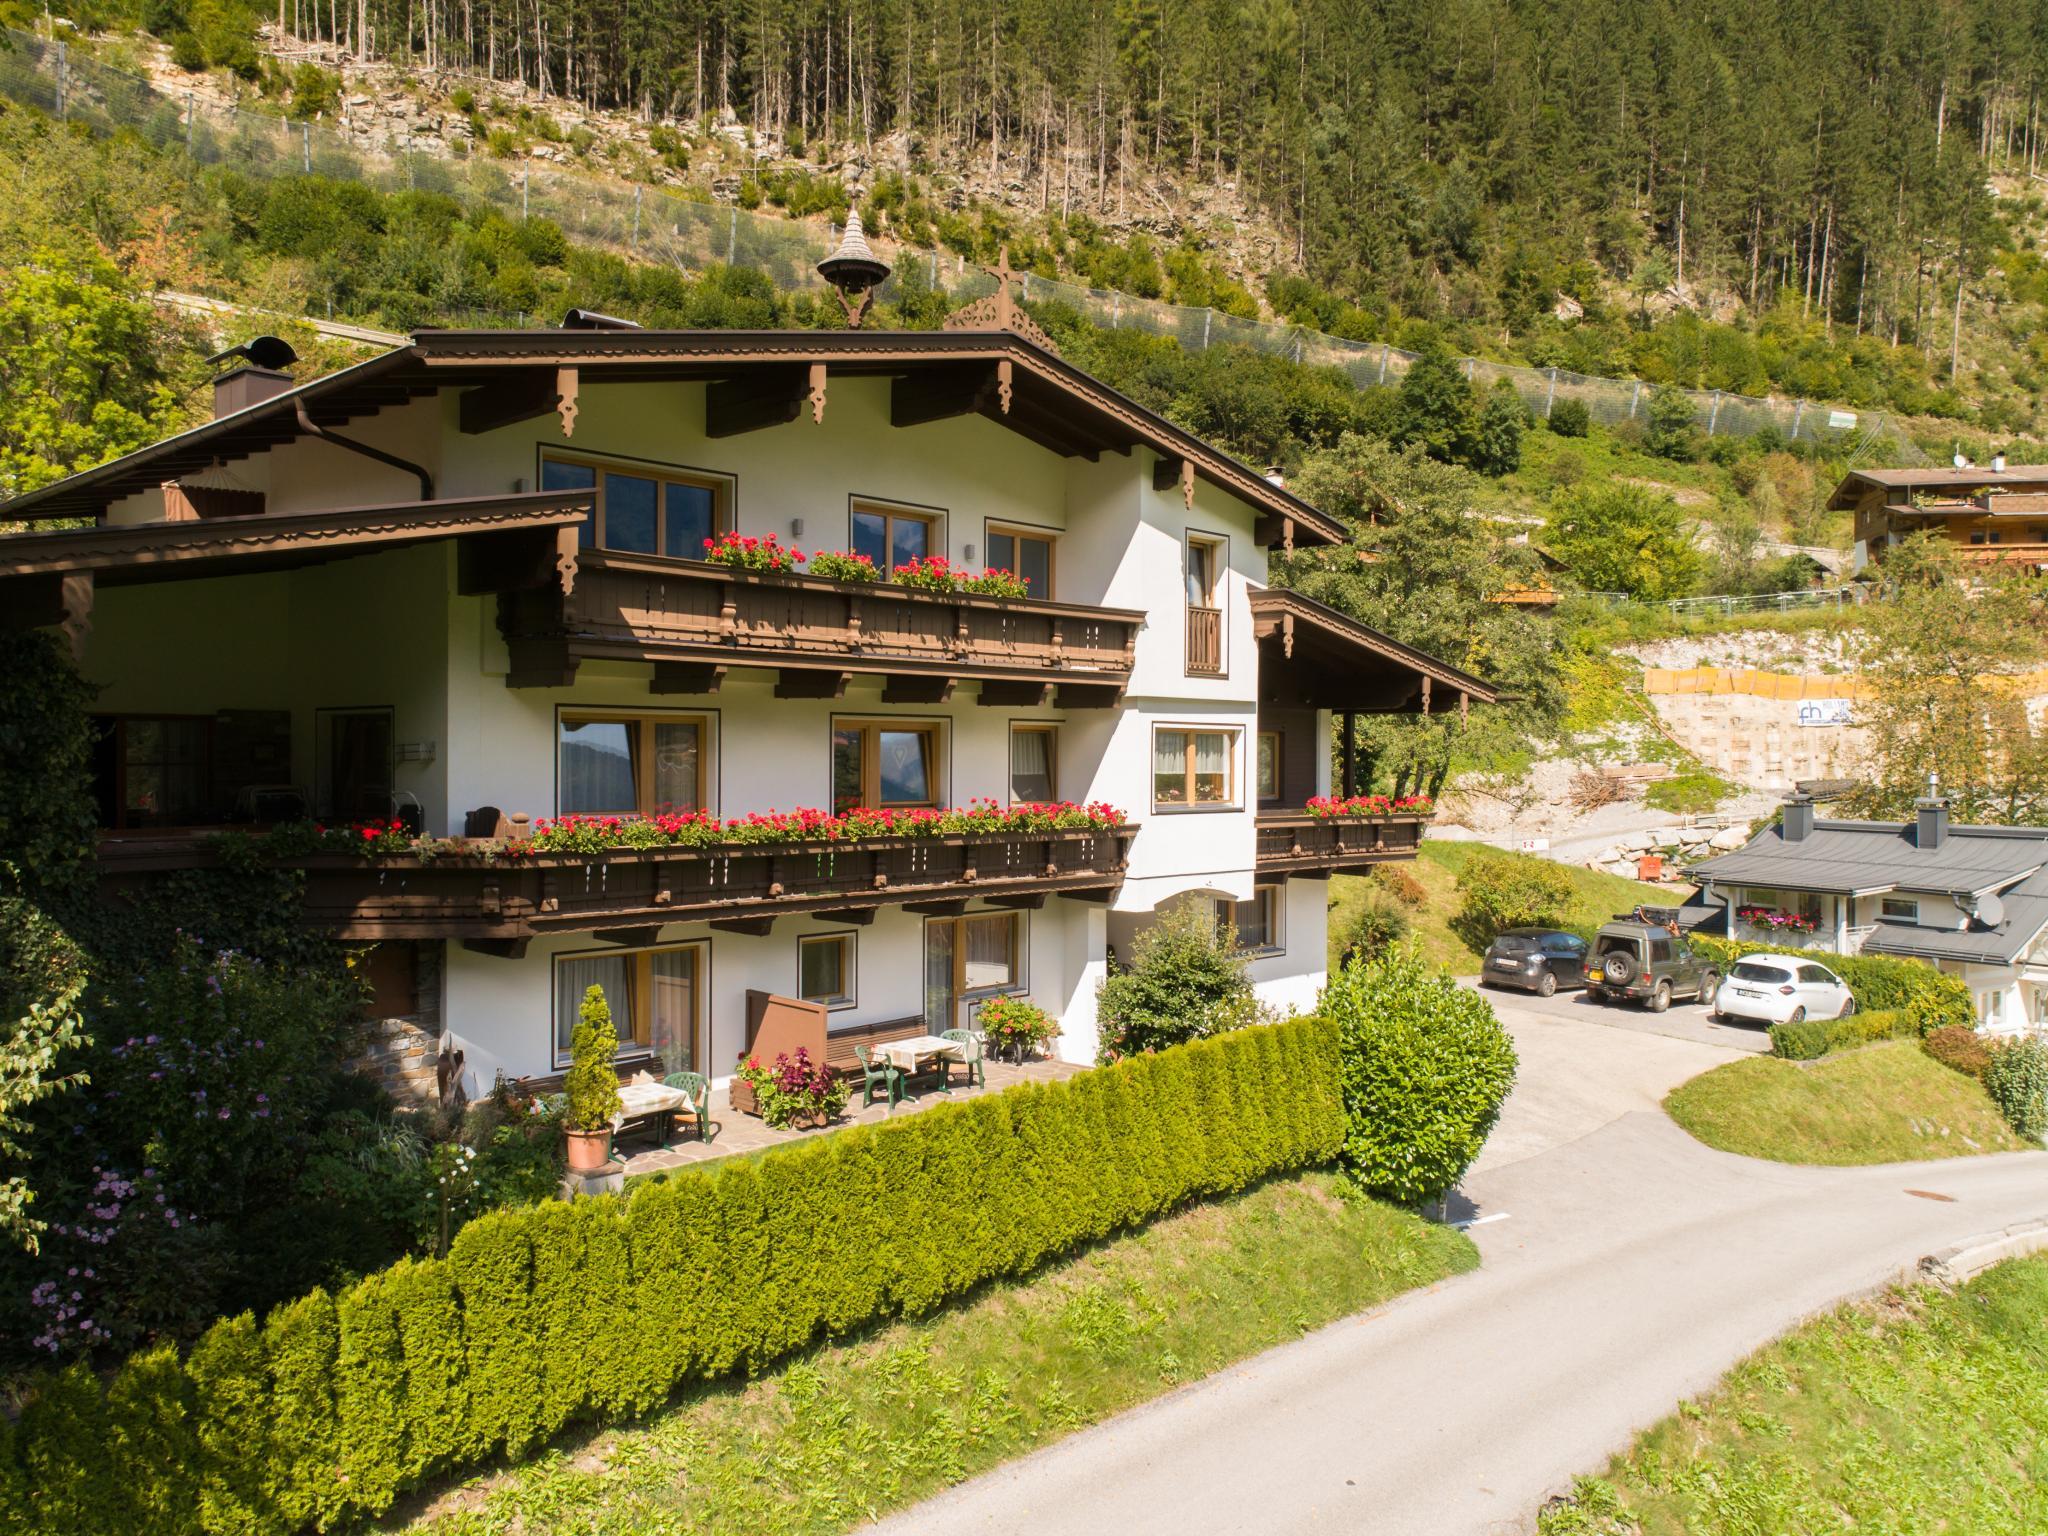 Ferienhaus Oblasser I Tirol